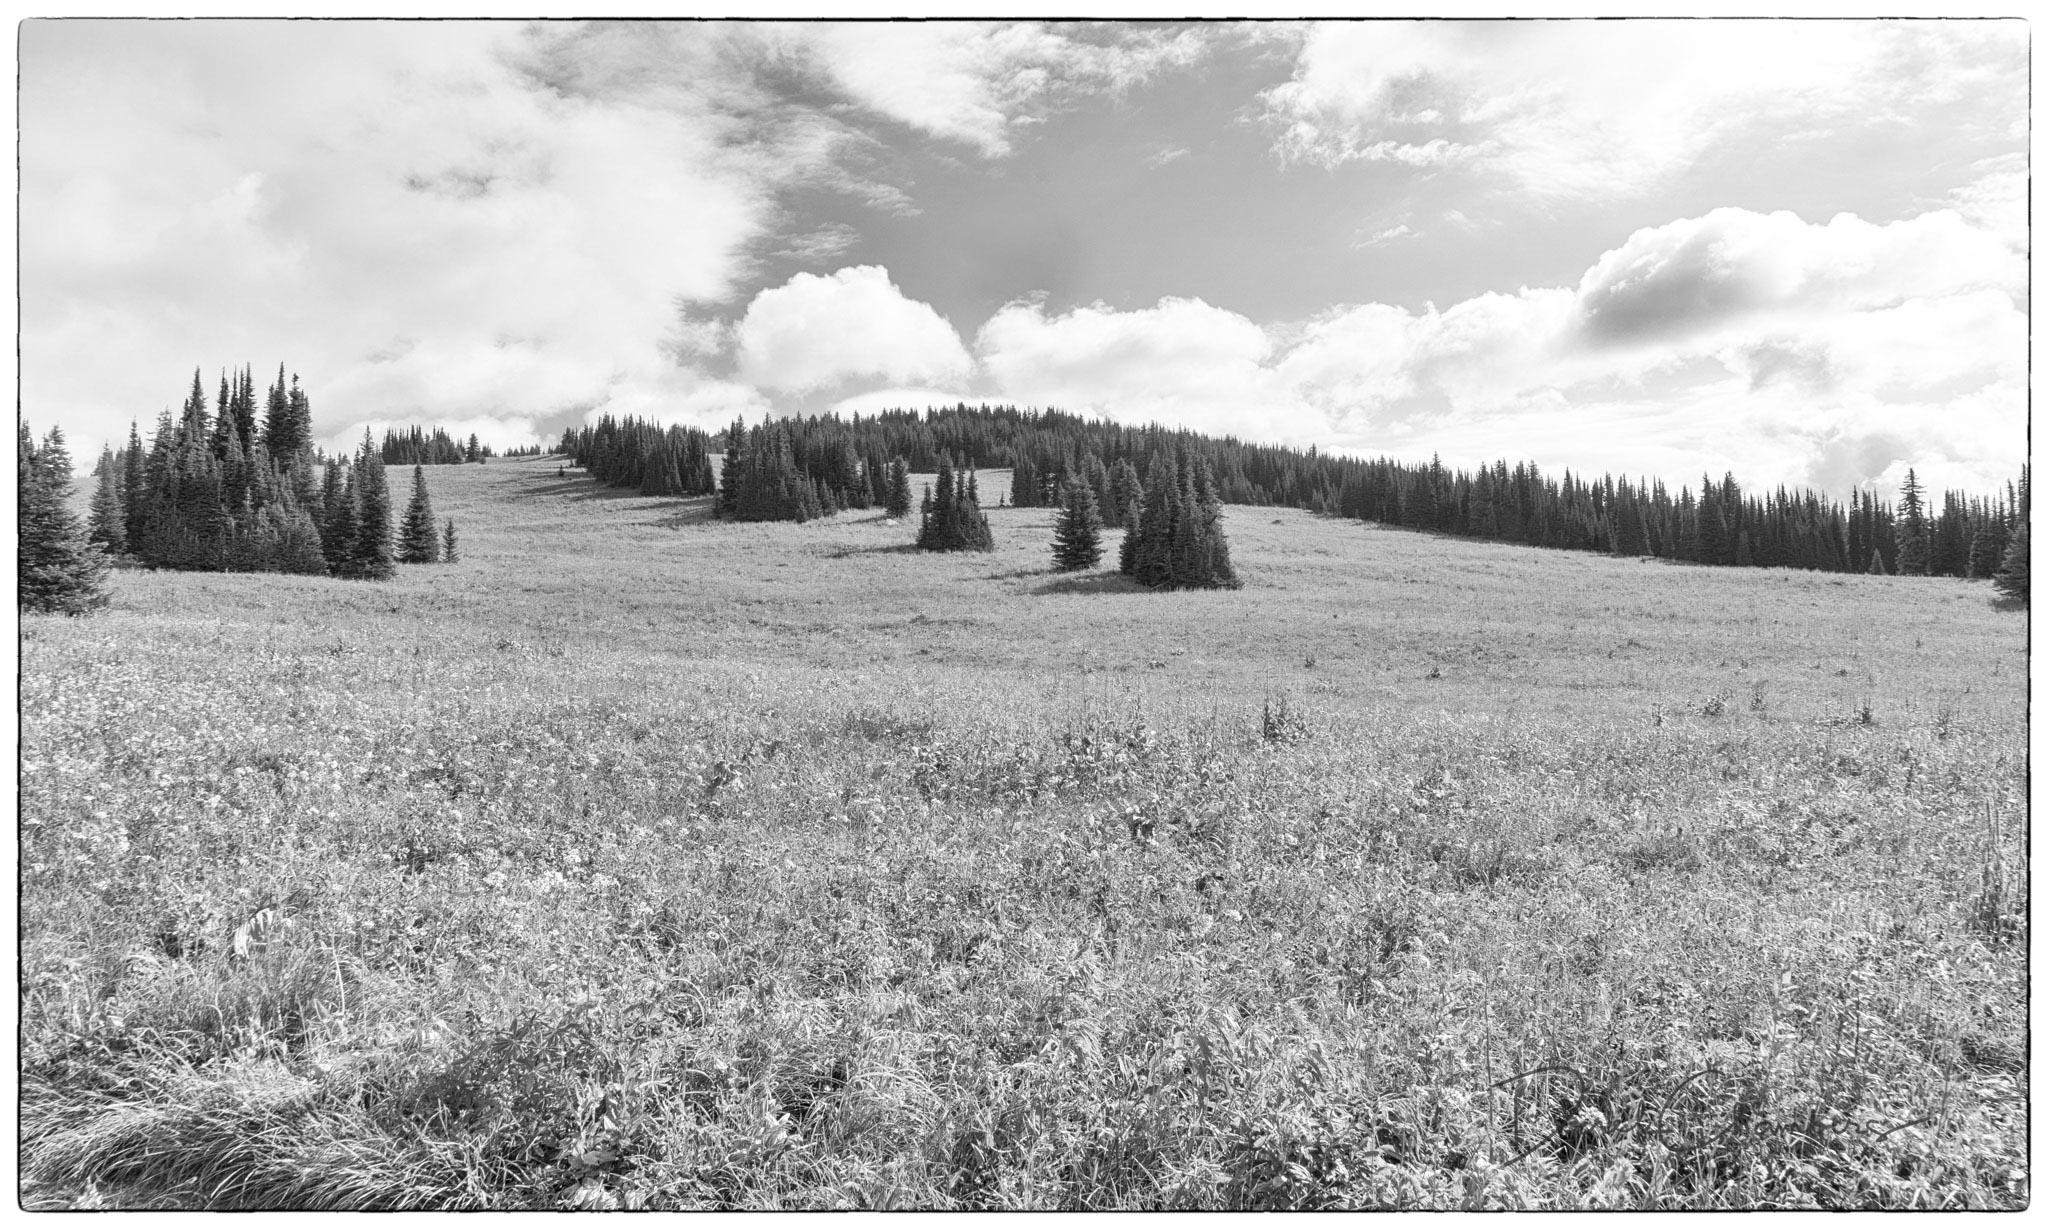 Trophy Mountain Meadows - Derek Chambers